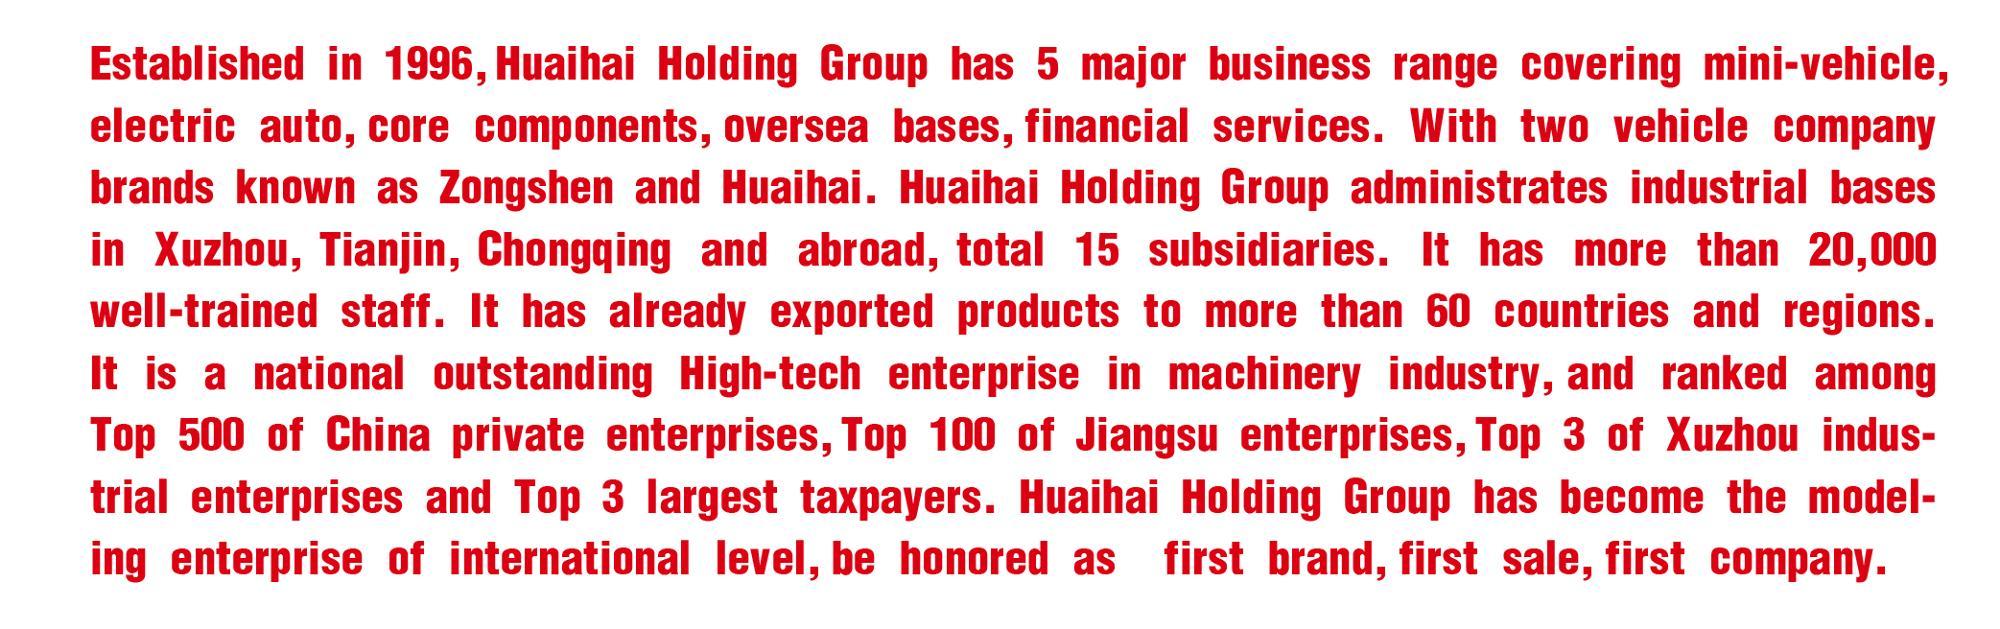 Zongshen ร้อนขายเครื่องยนต์เบนซิน 3 ล้อเบนซินรถสามล้อมอเตอร์สินค้าสำหรับผู้ใหญ่